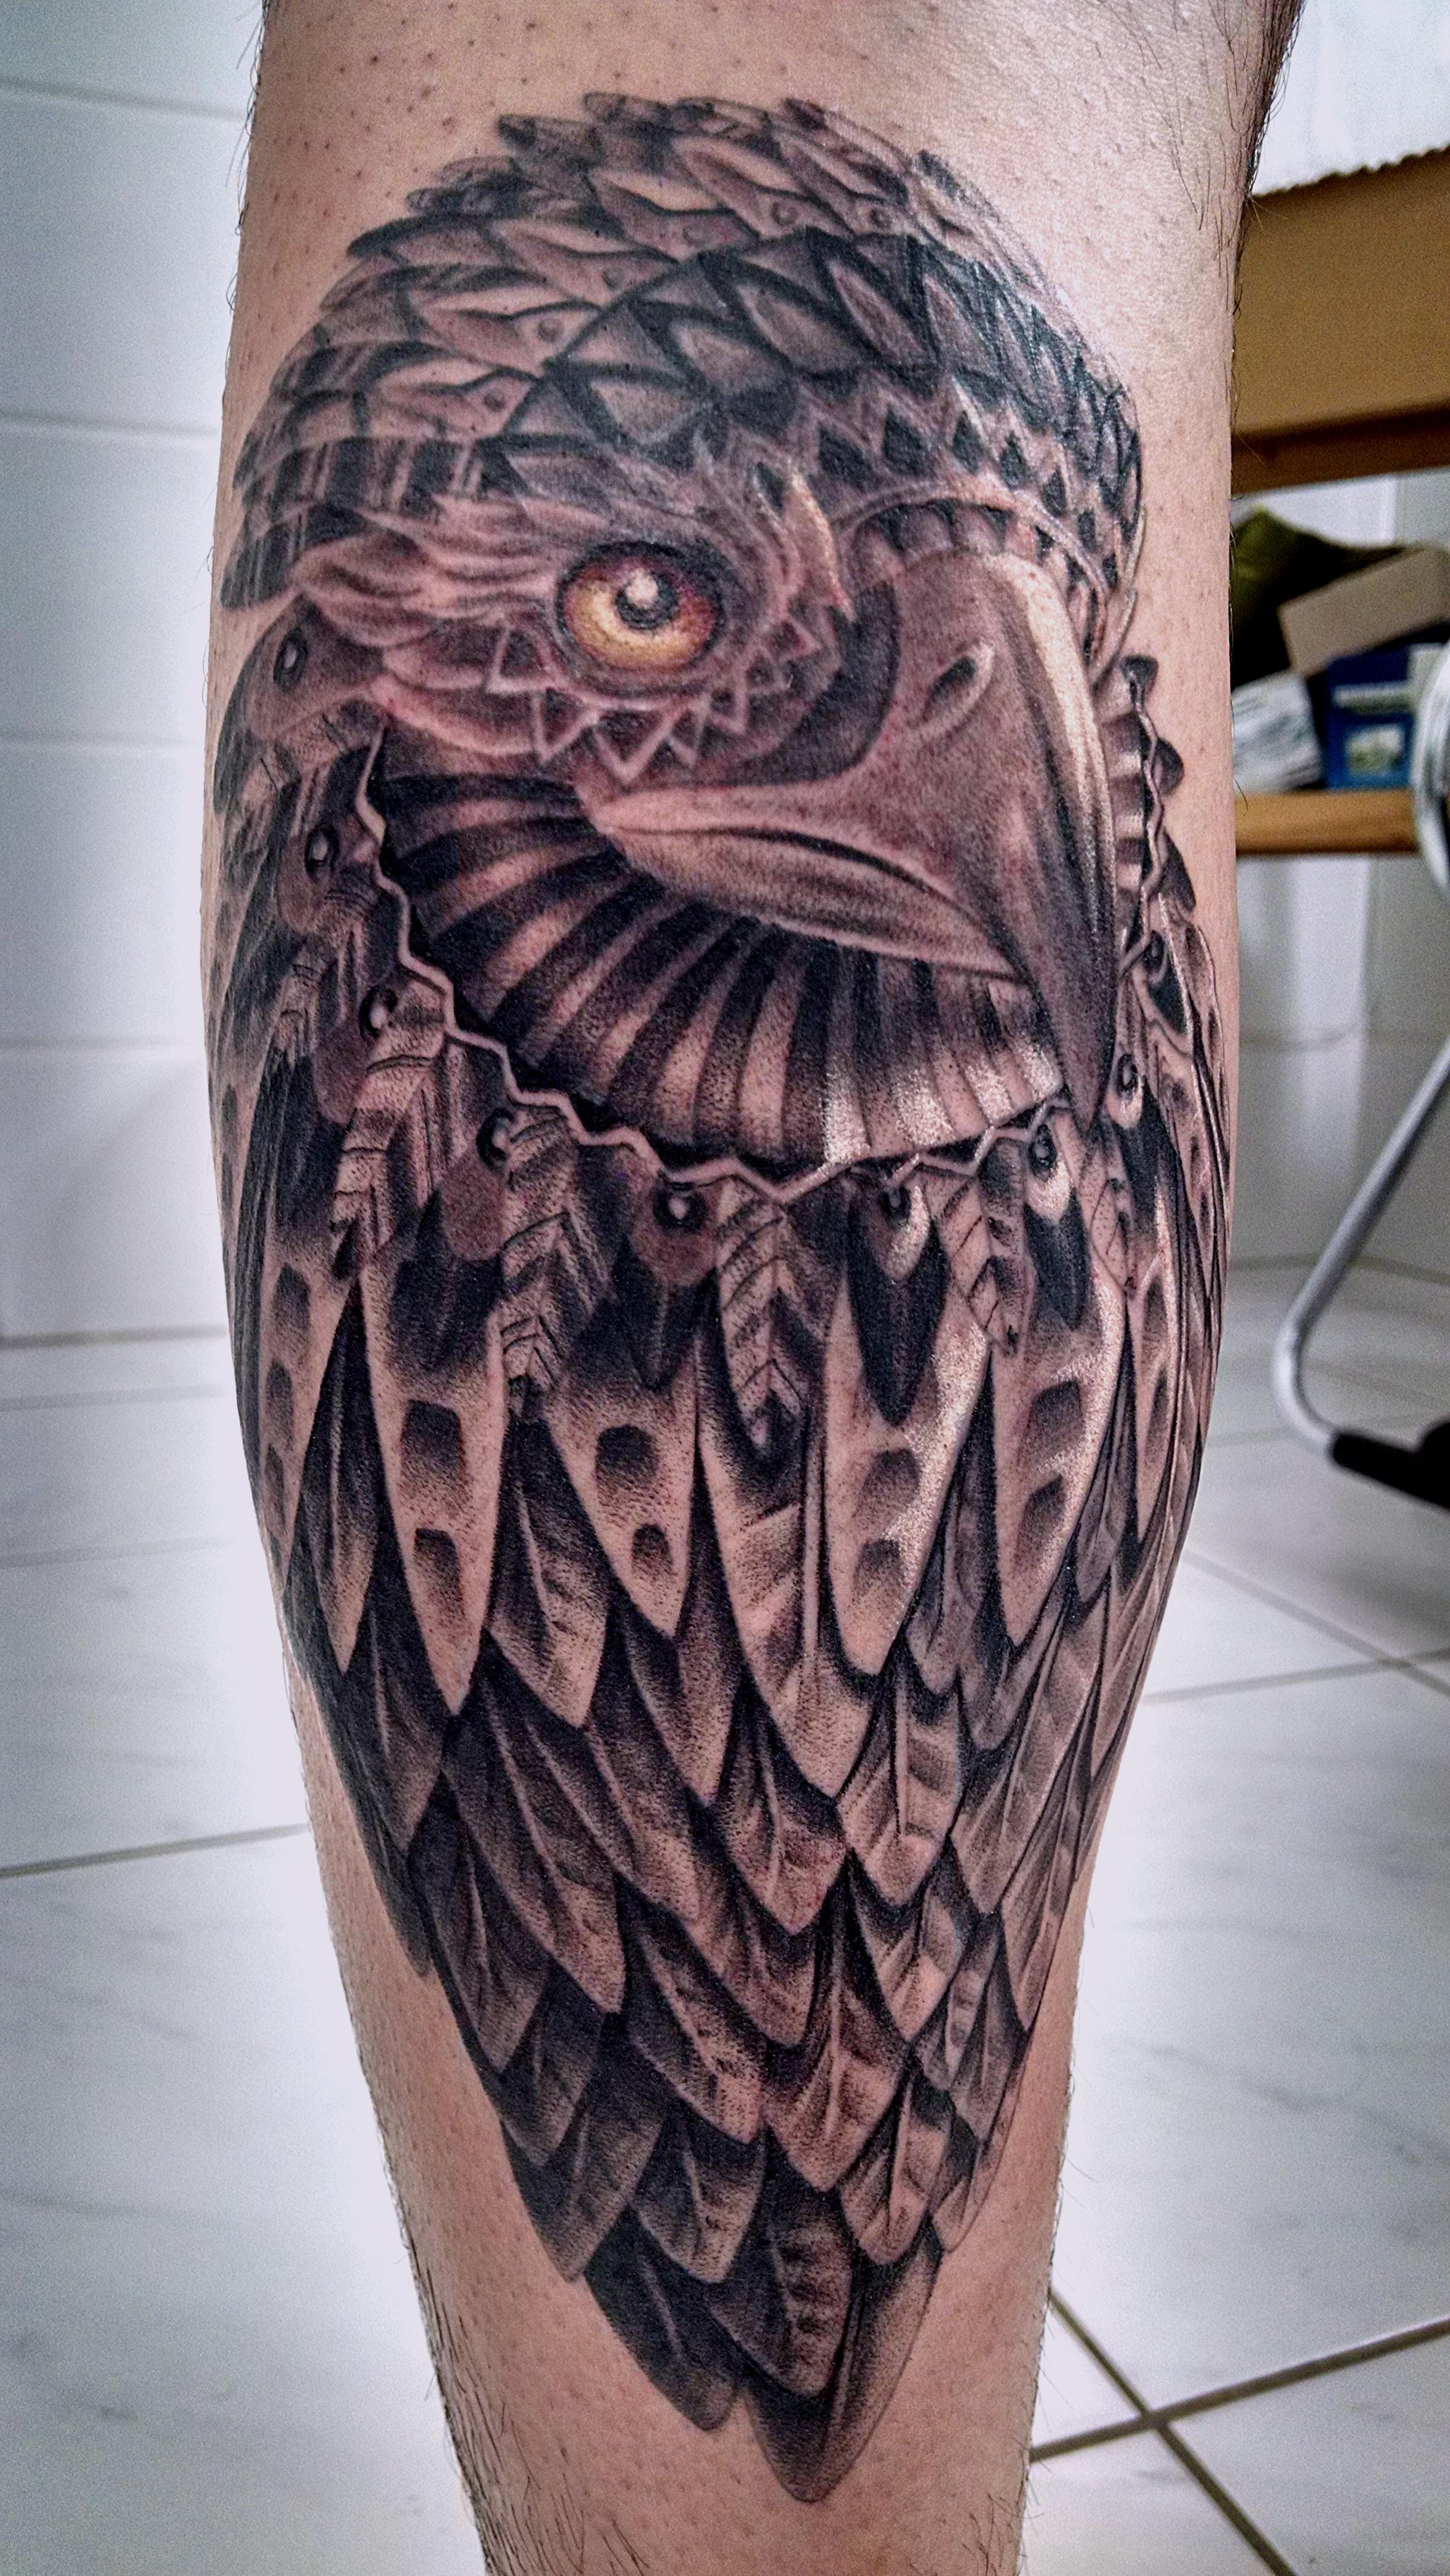 aguia_Azteca_tattoo_mrpaul_dermographic_ribeirão_preto